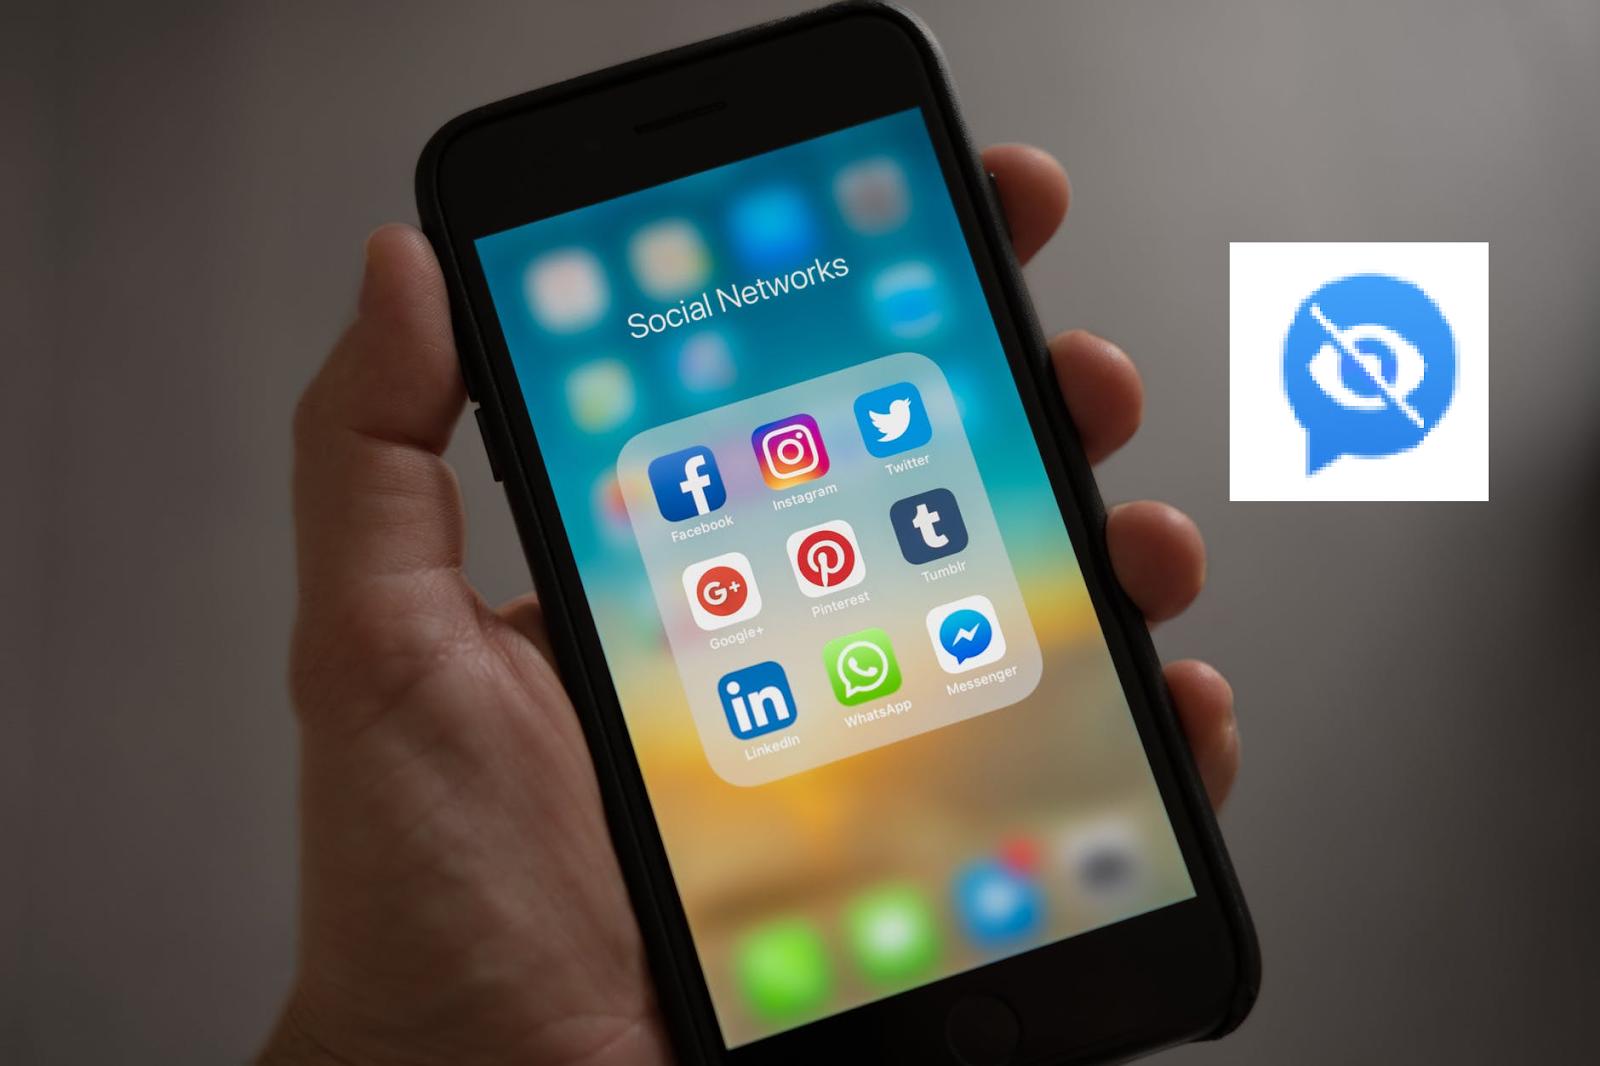 تطبيق Unseen يمكنك إخفاء إشعارات المشاهدة والعلامات الزرقاء لكافة تطبيقات الدردشة المفضلة لديك